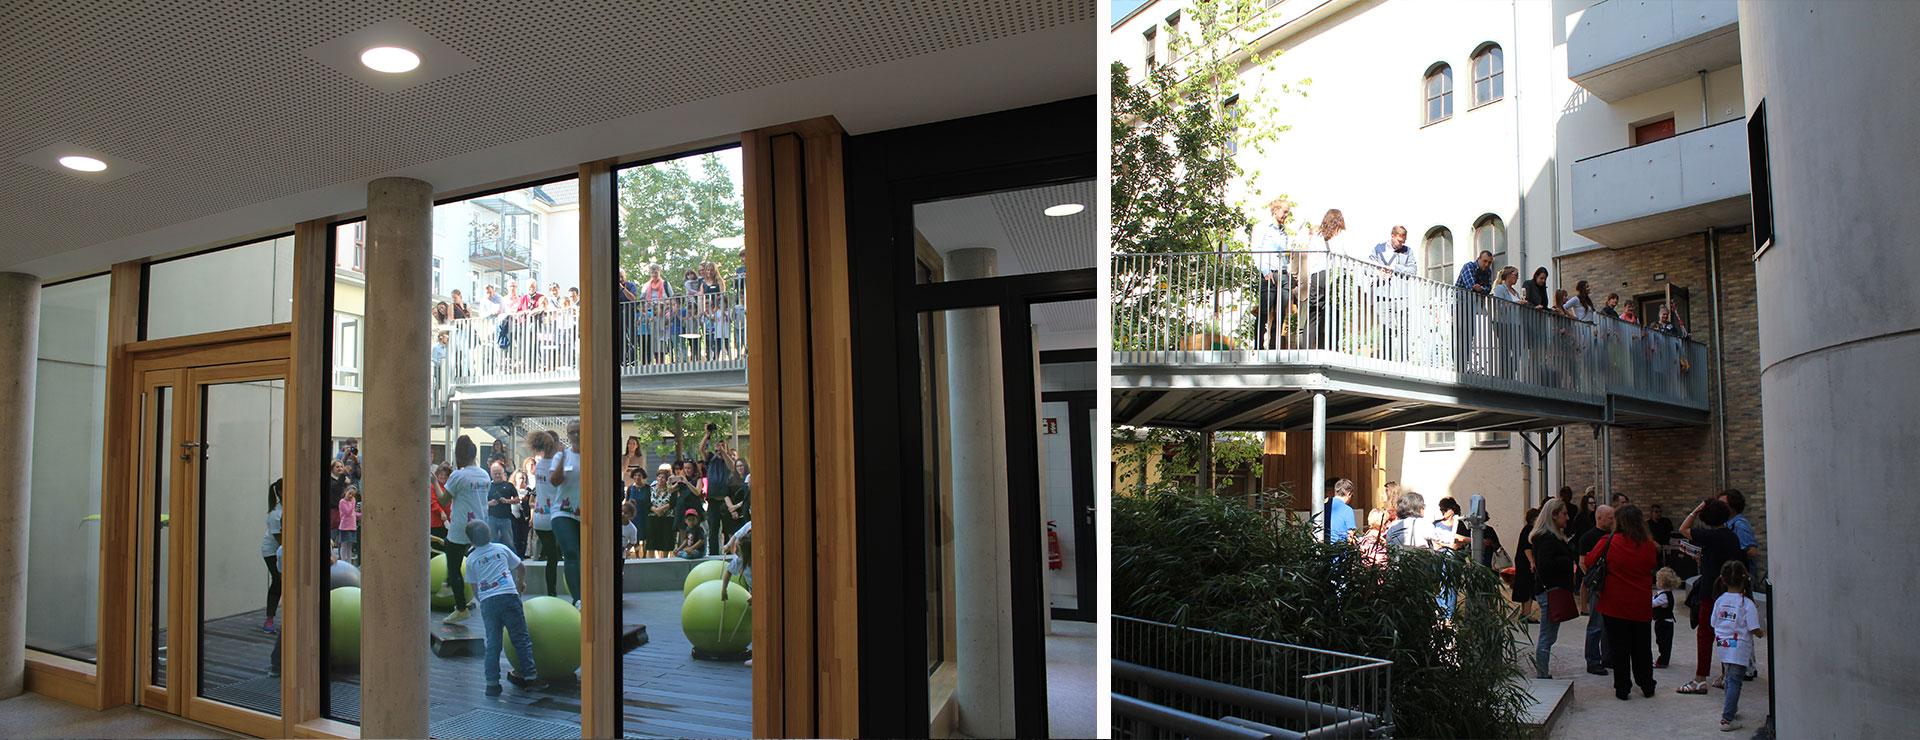 BGF+ Architekten_KITA und Studentenwohnheim Frankfurt-Nordend